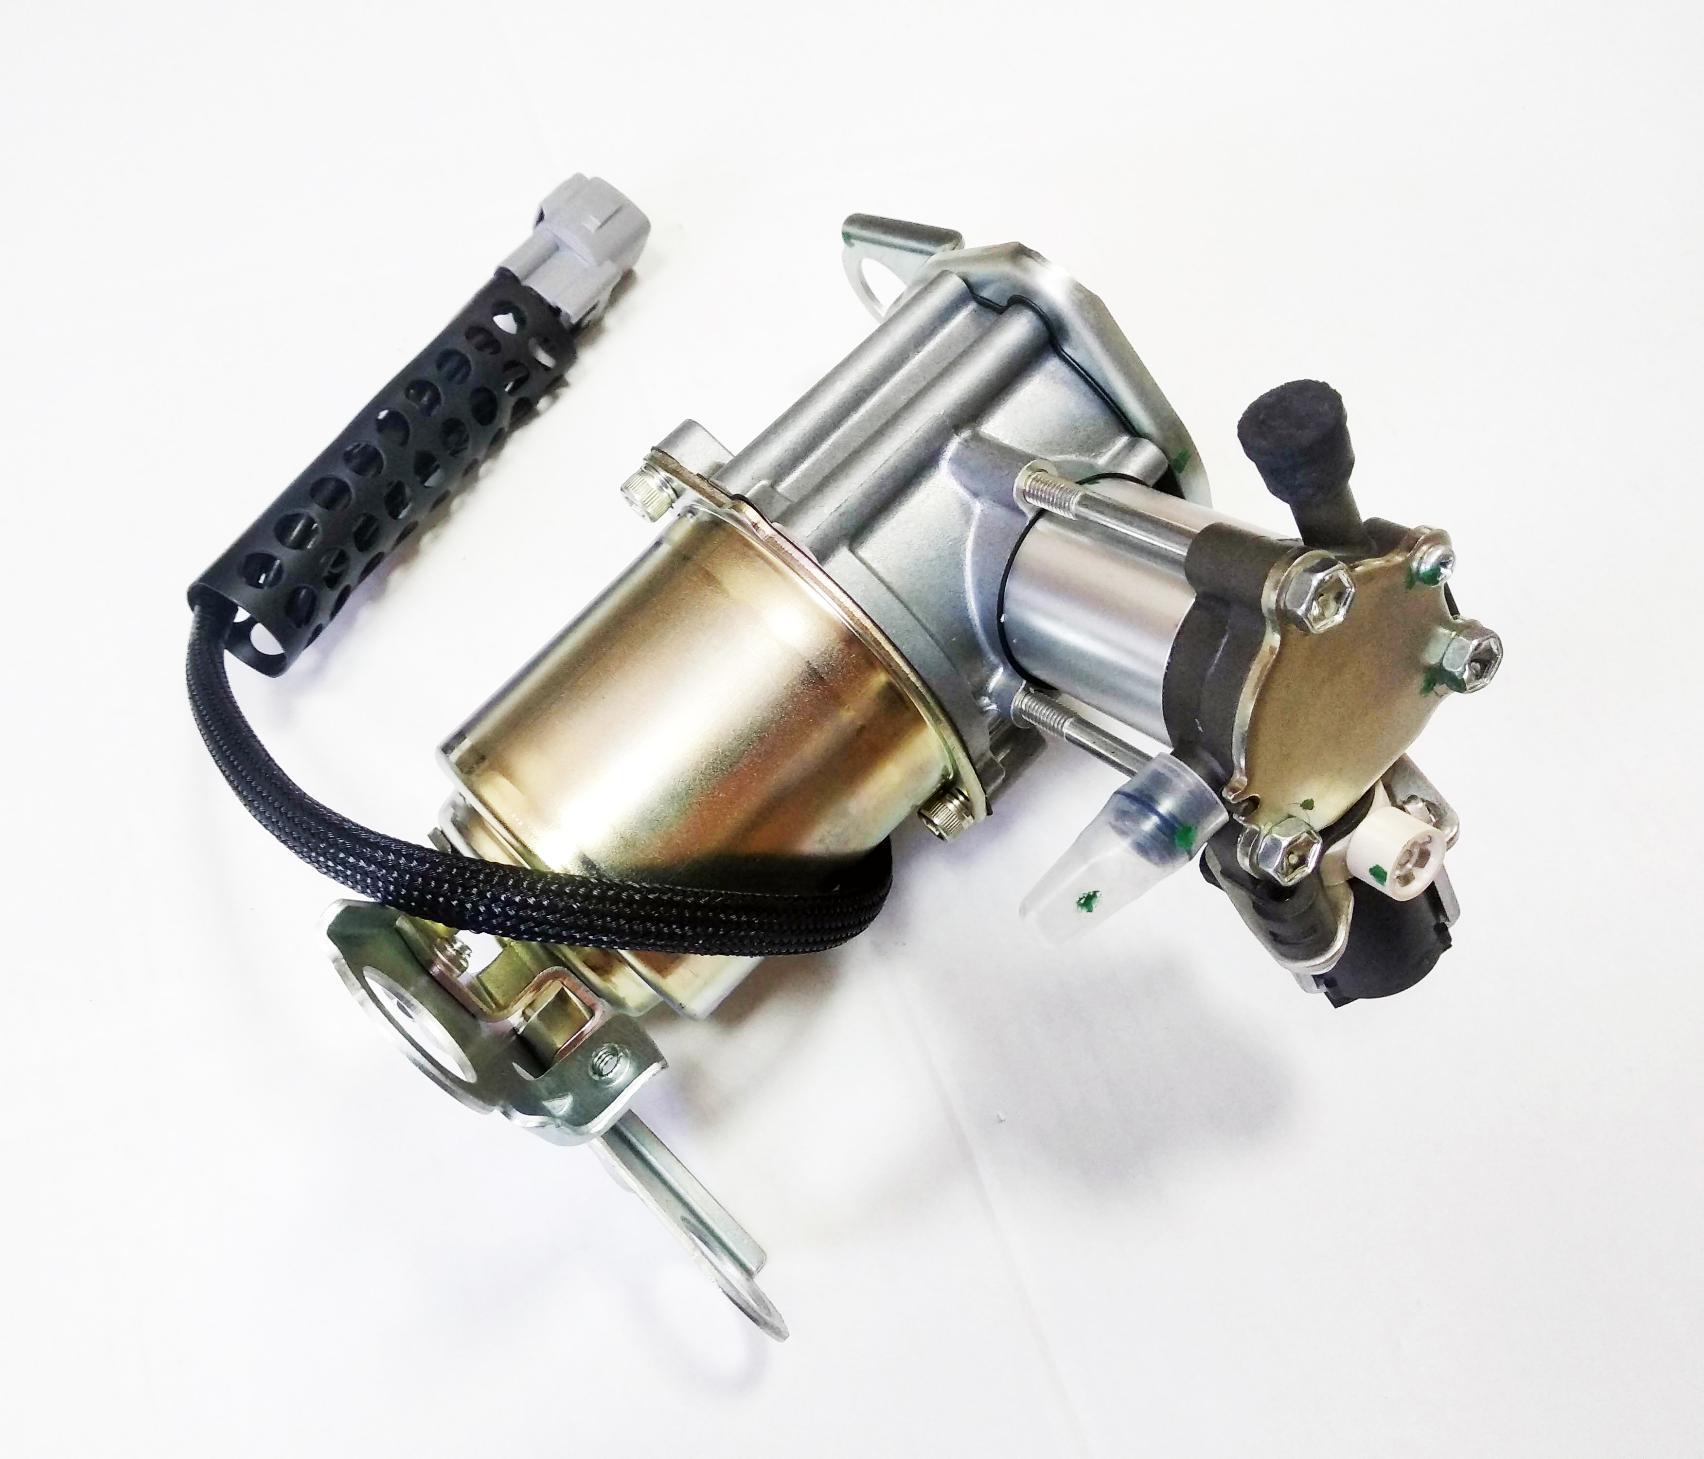 картинка Оригинальный компрессор пневмоподвески для Toyota Land Cruiser Prado 120 и Prado 150; Lexus GX460 и Lexus GX470 (4891060021, 48910-60021) от магазина пневмоподвески ПневмоМаркет